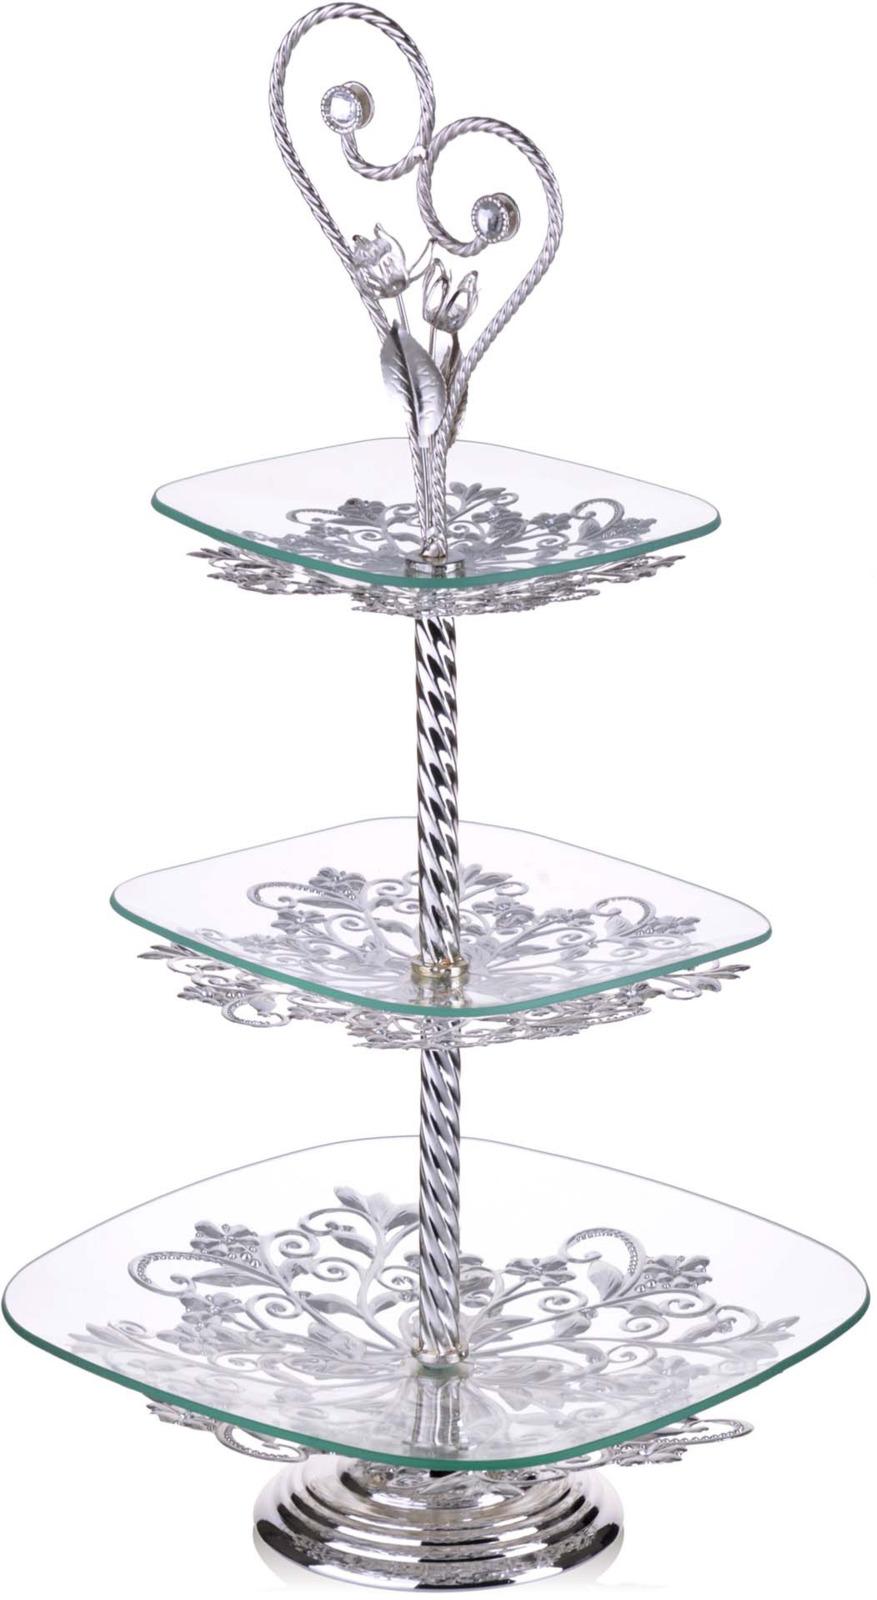 Элегантная конфетница Loraine, выполненная из стекла, сочетает в себе изысканный дизайн с максимальной функциональностью. Конфетница состоит из 3-х ярусов разного размера и предназначена для красивой сервировки конфет, фруктов и десертов. Ярусы конфетницы оформлены оригинальным золотым орнаментом. Стойка-держатель конфетницы выполнена из стали с золотым покрытием. Конфетница украсит сервировку вашего стола и подчеркнет прекрасный вкус хозяина, а также станет отличным подарком.